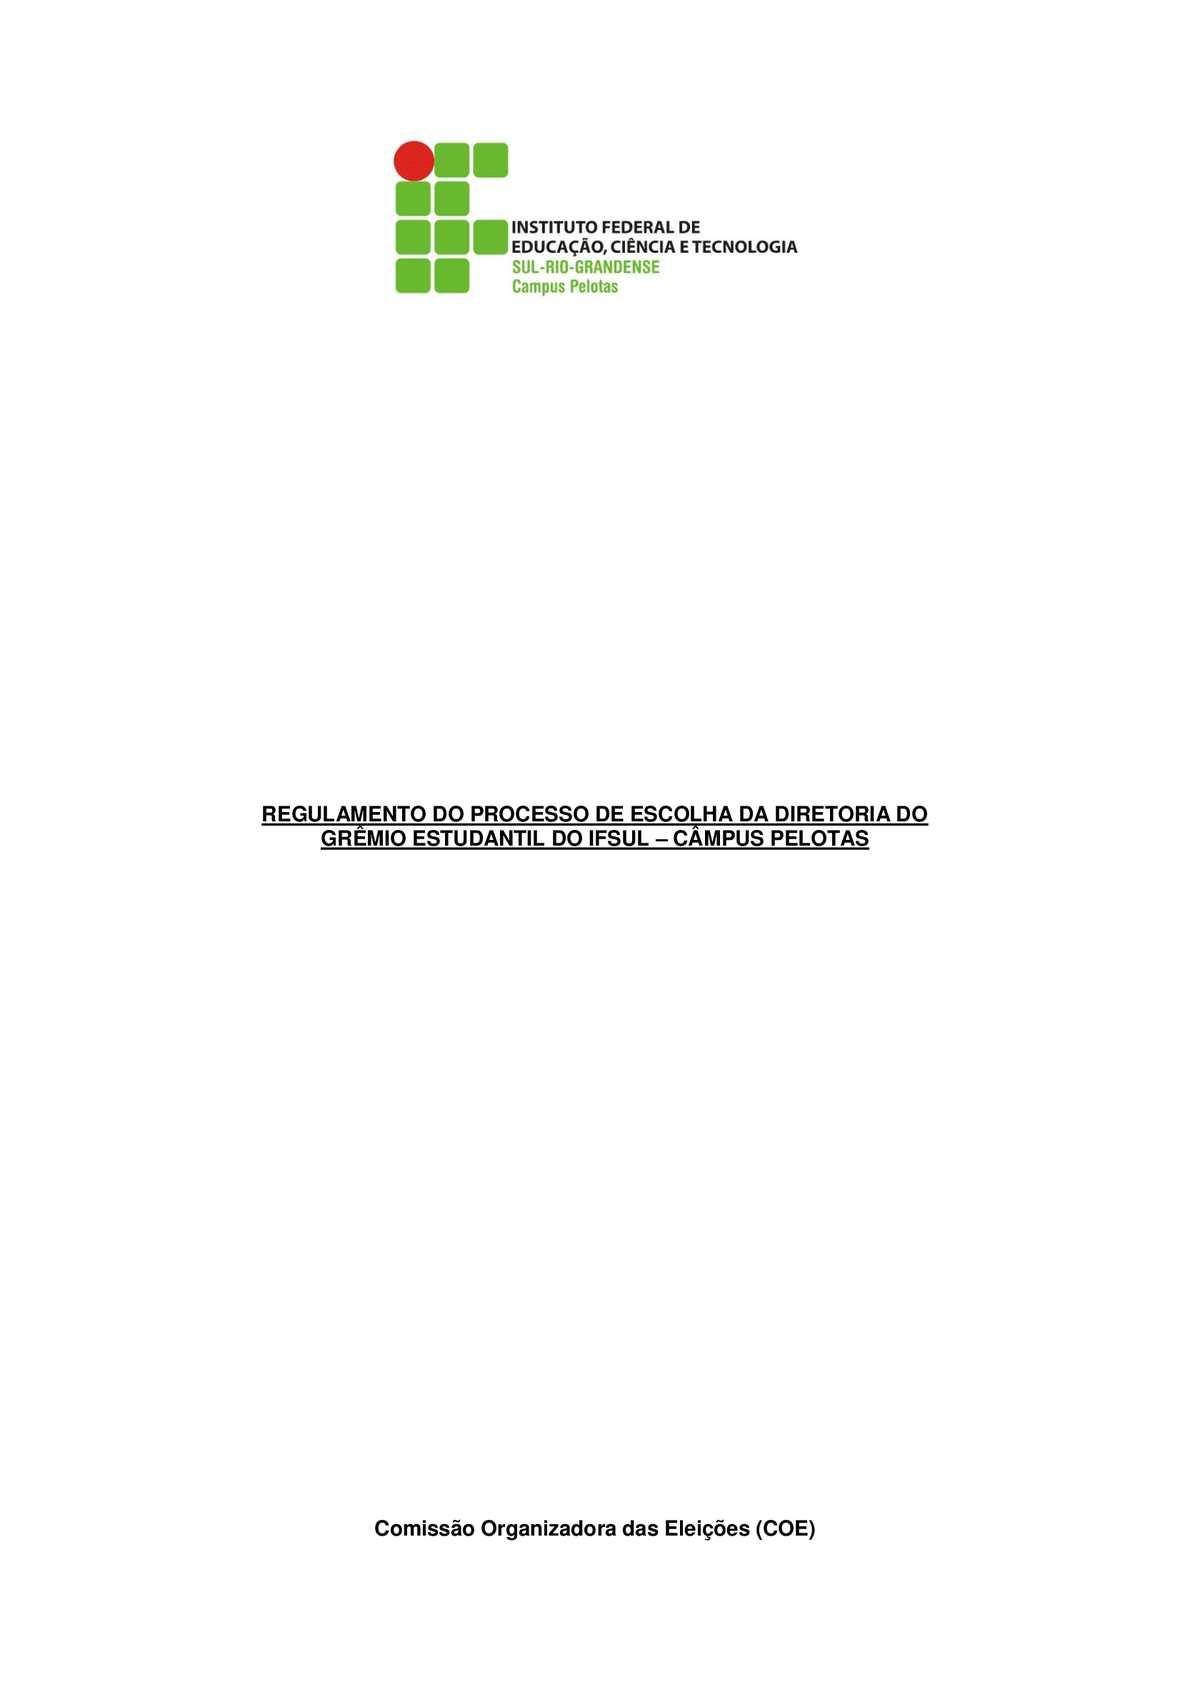 Regulamento Eleições Grêmio Estudantil 2014